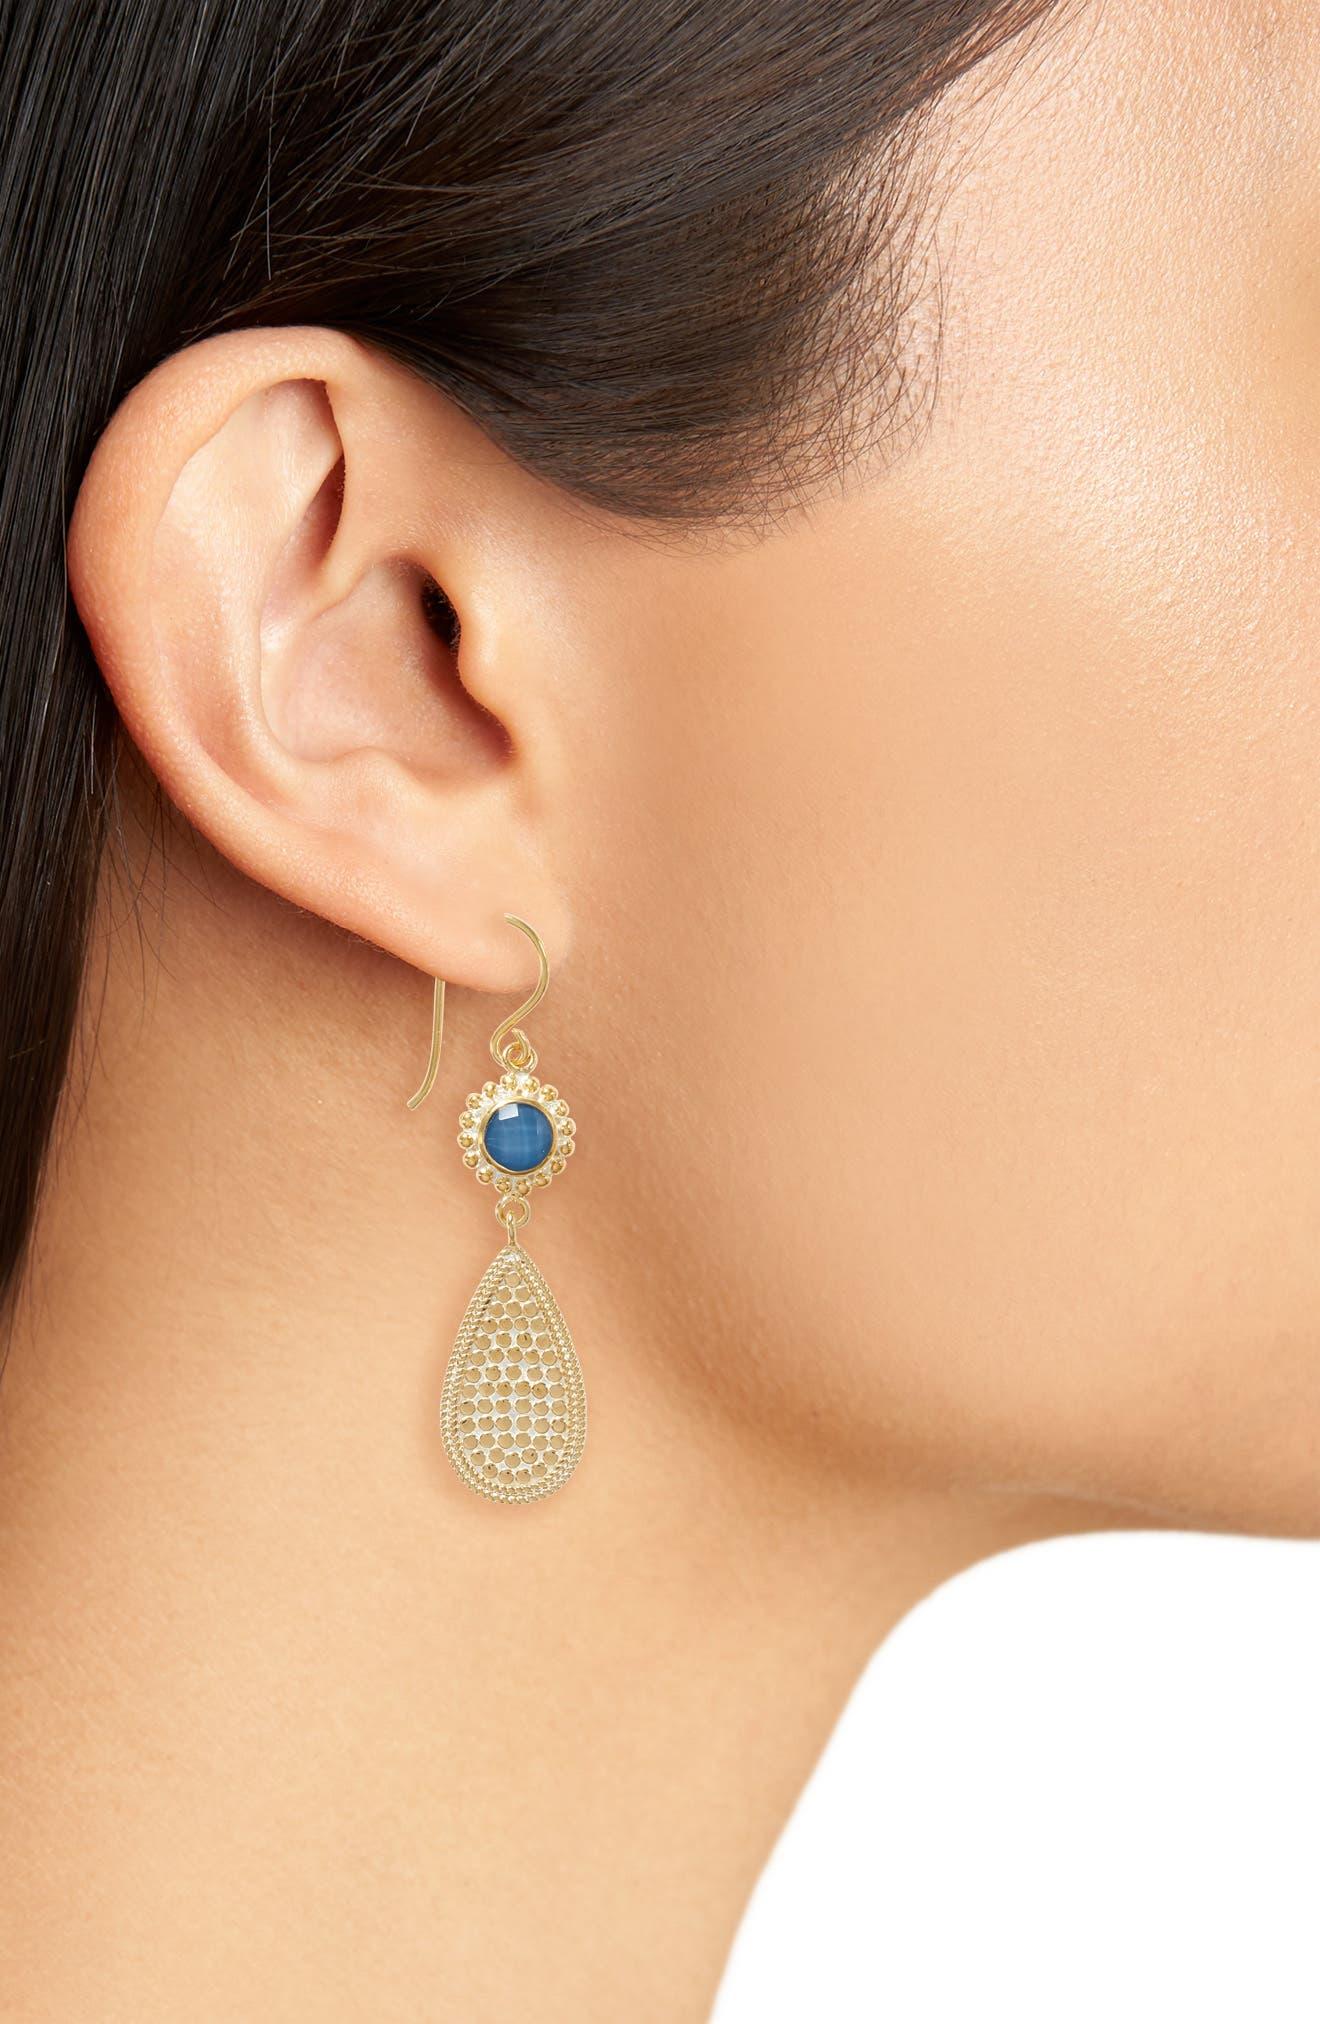 Blue Quartz Double Drop Earrings,                             Alternate thumbnail 3, color,                             400